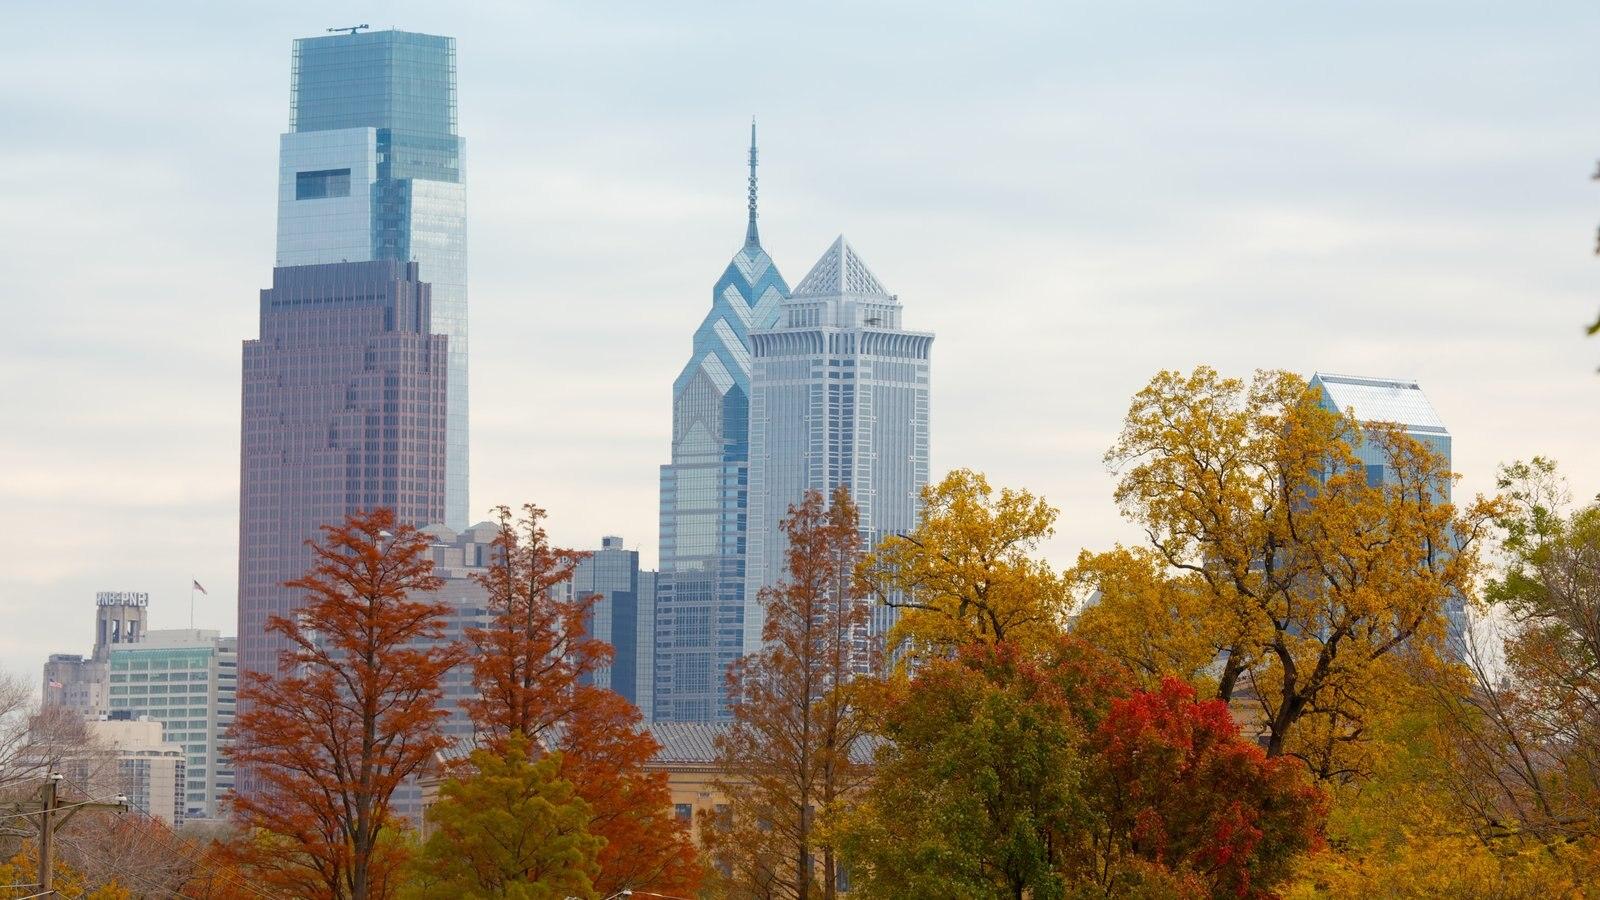 Filadélfia mostrando folhas de outono, linha do horizonte e uma cidade